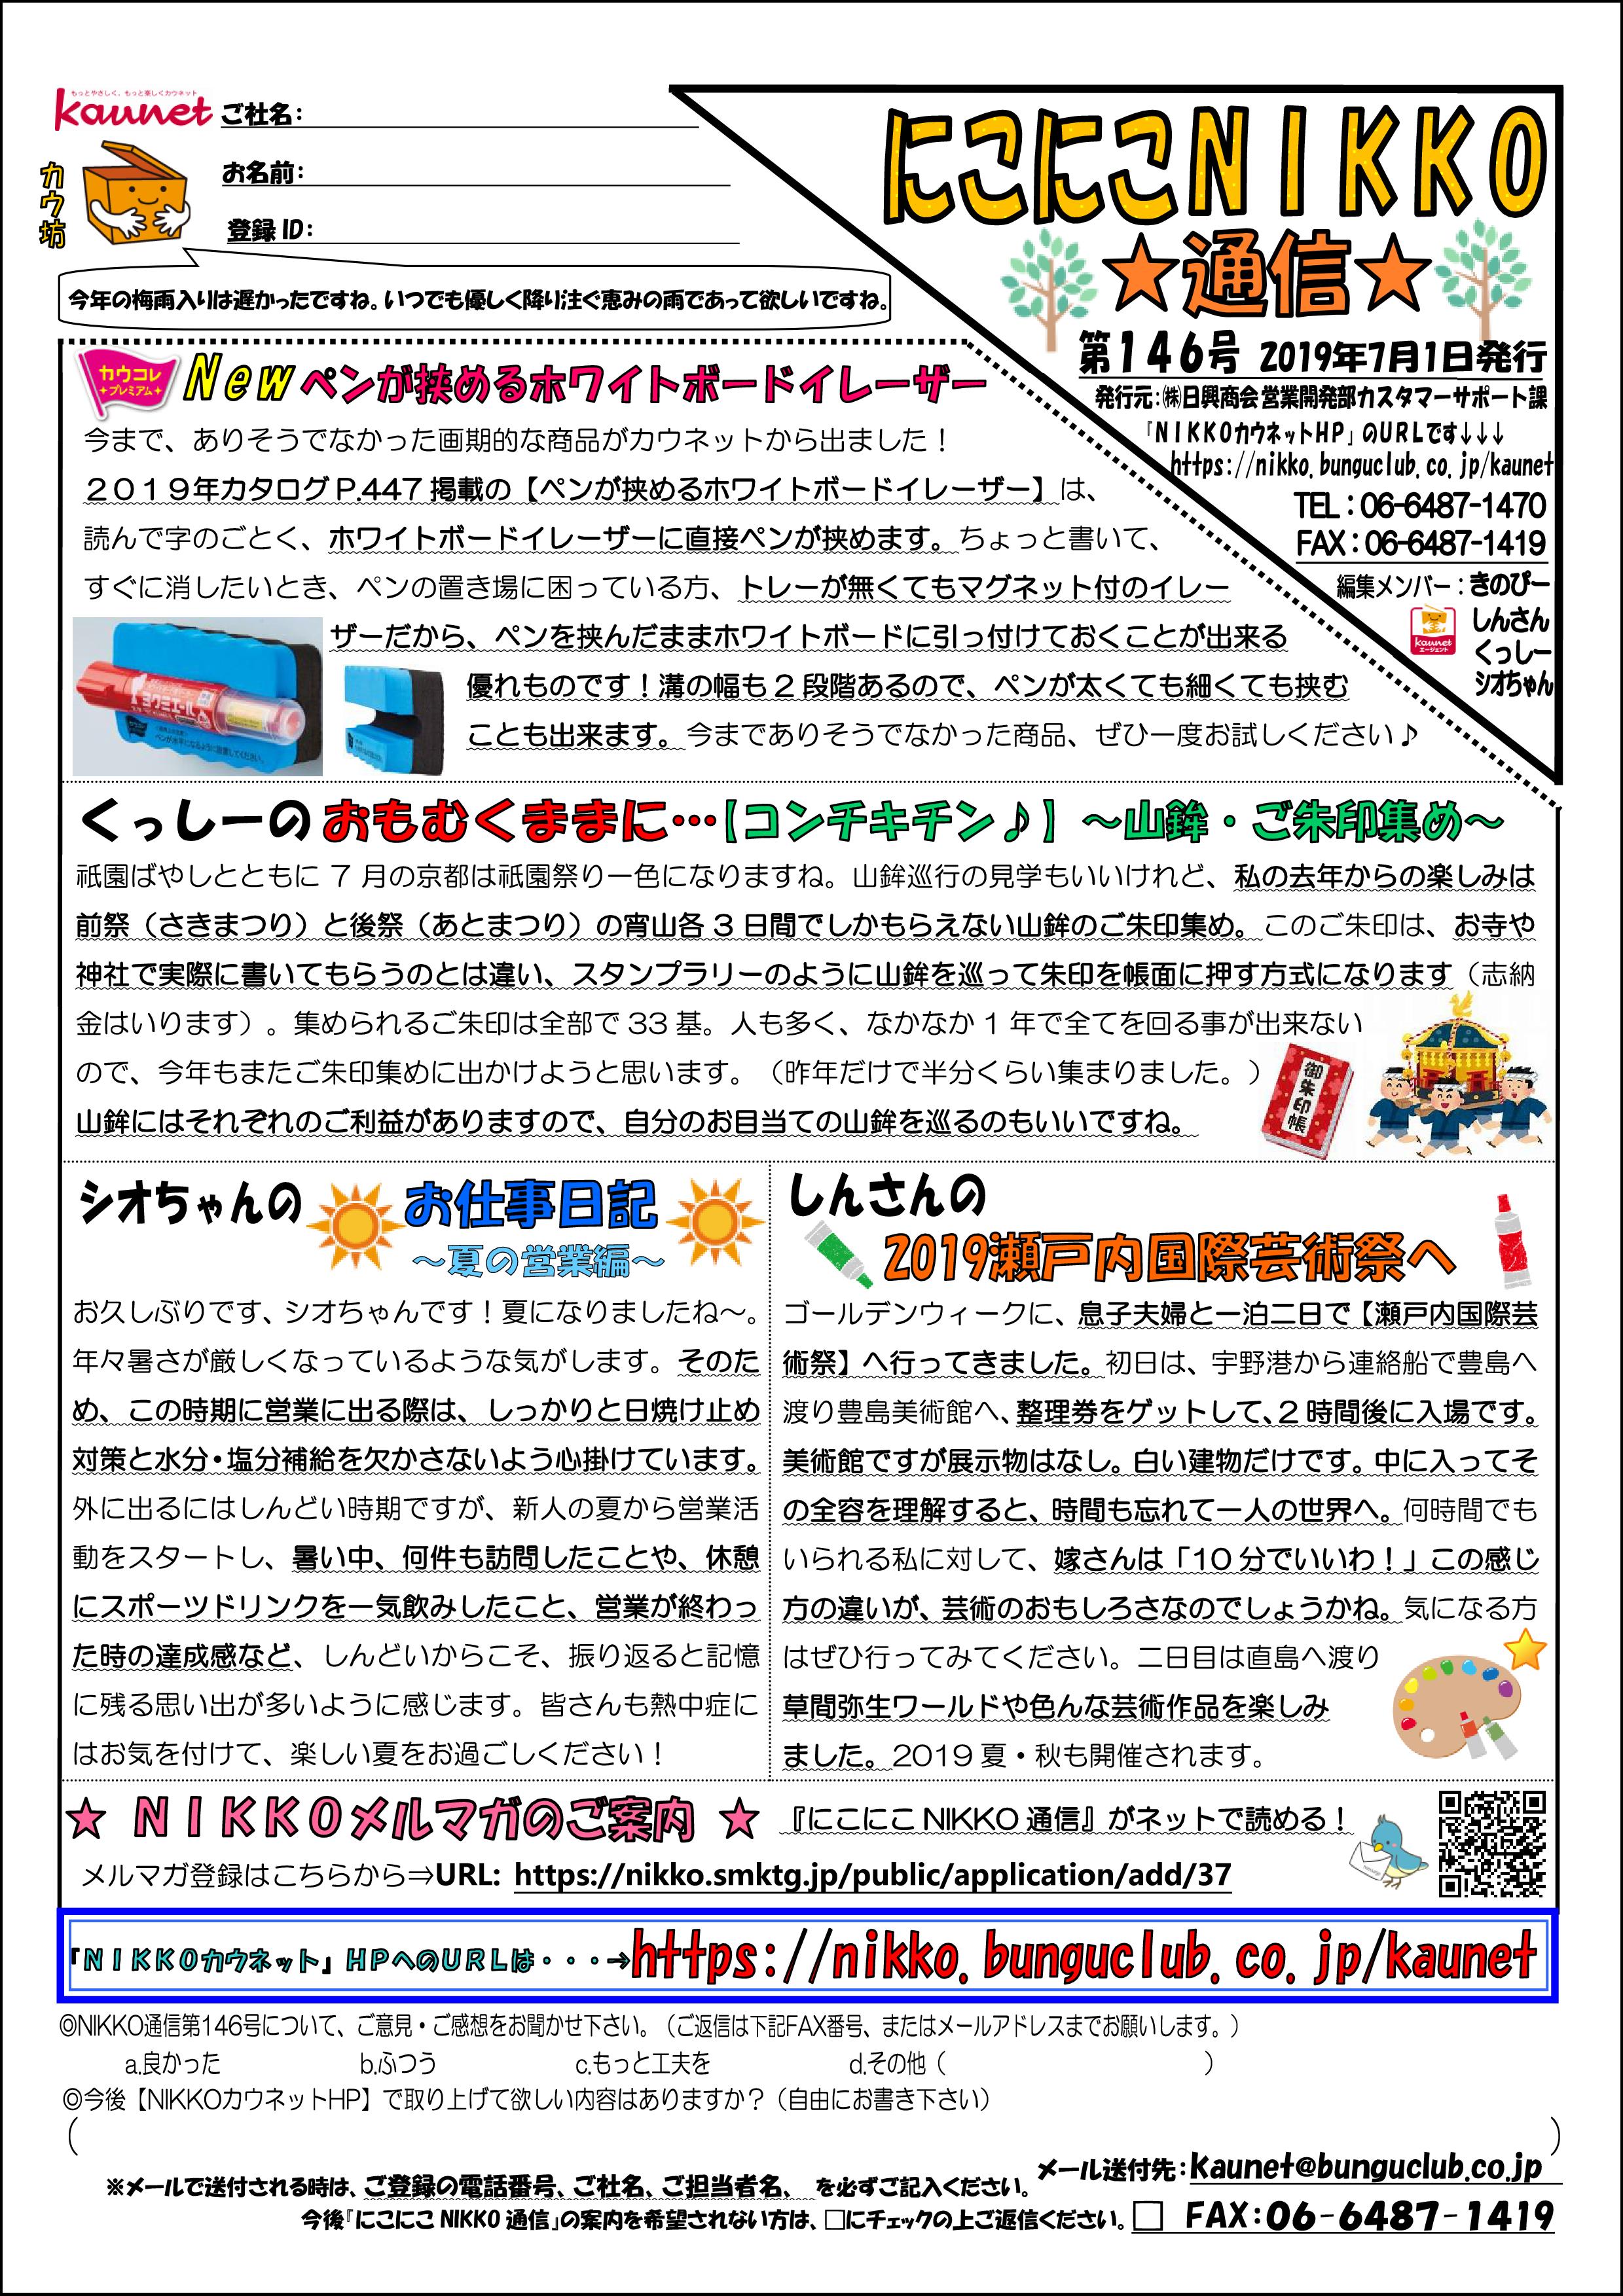 201907月発行第146回NIKKOレター-i